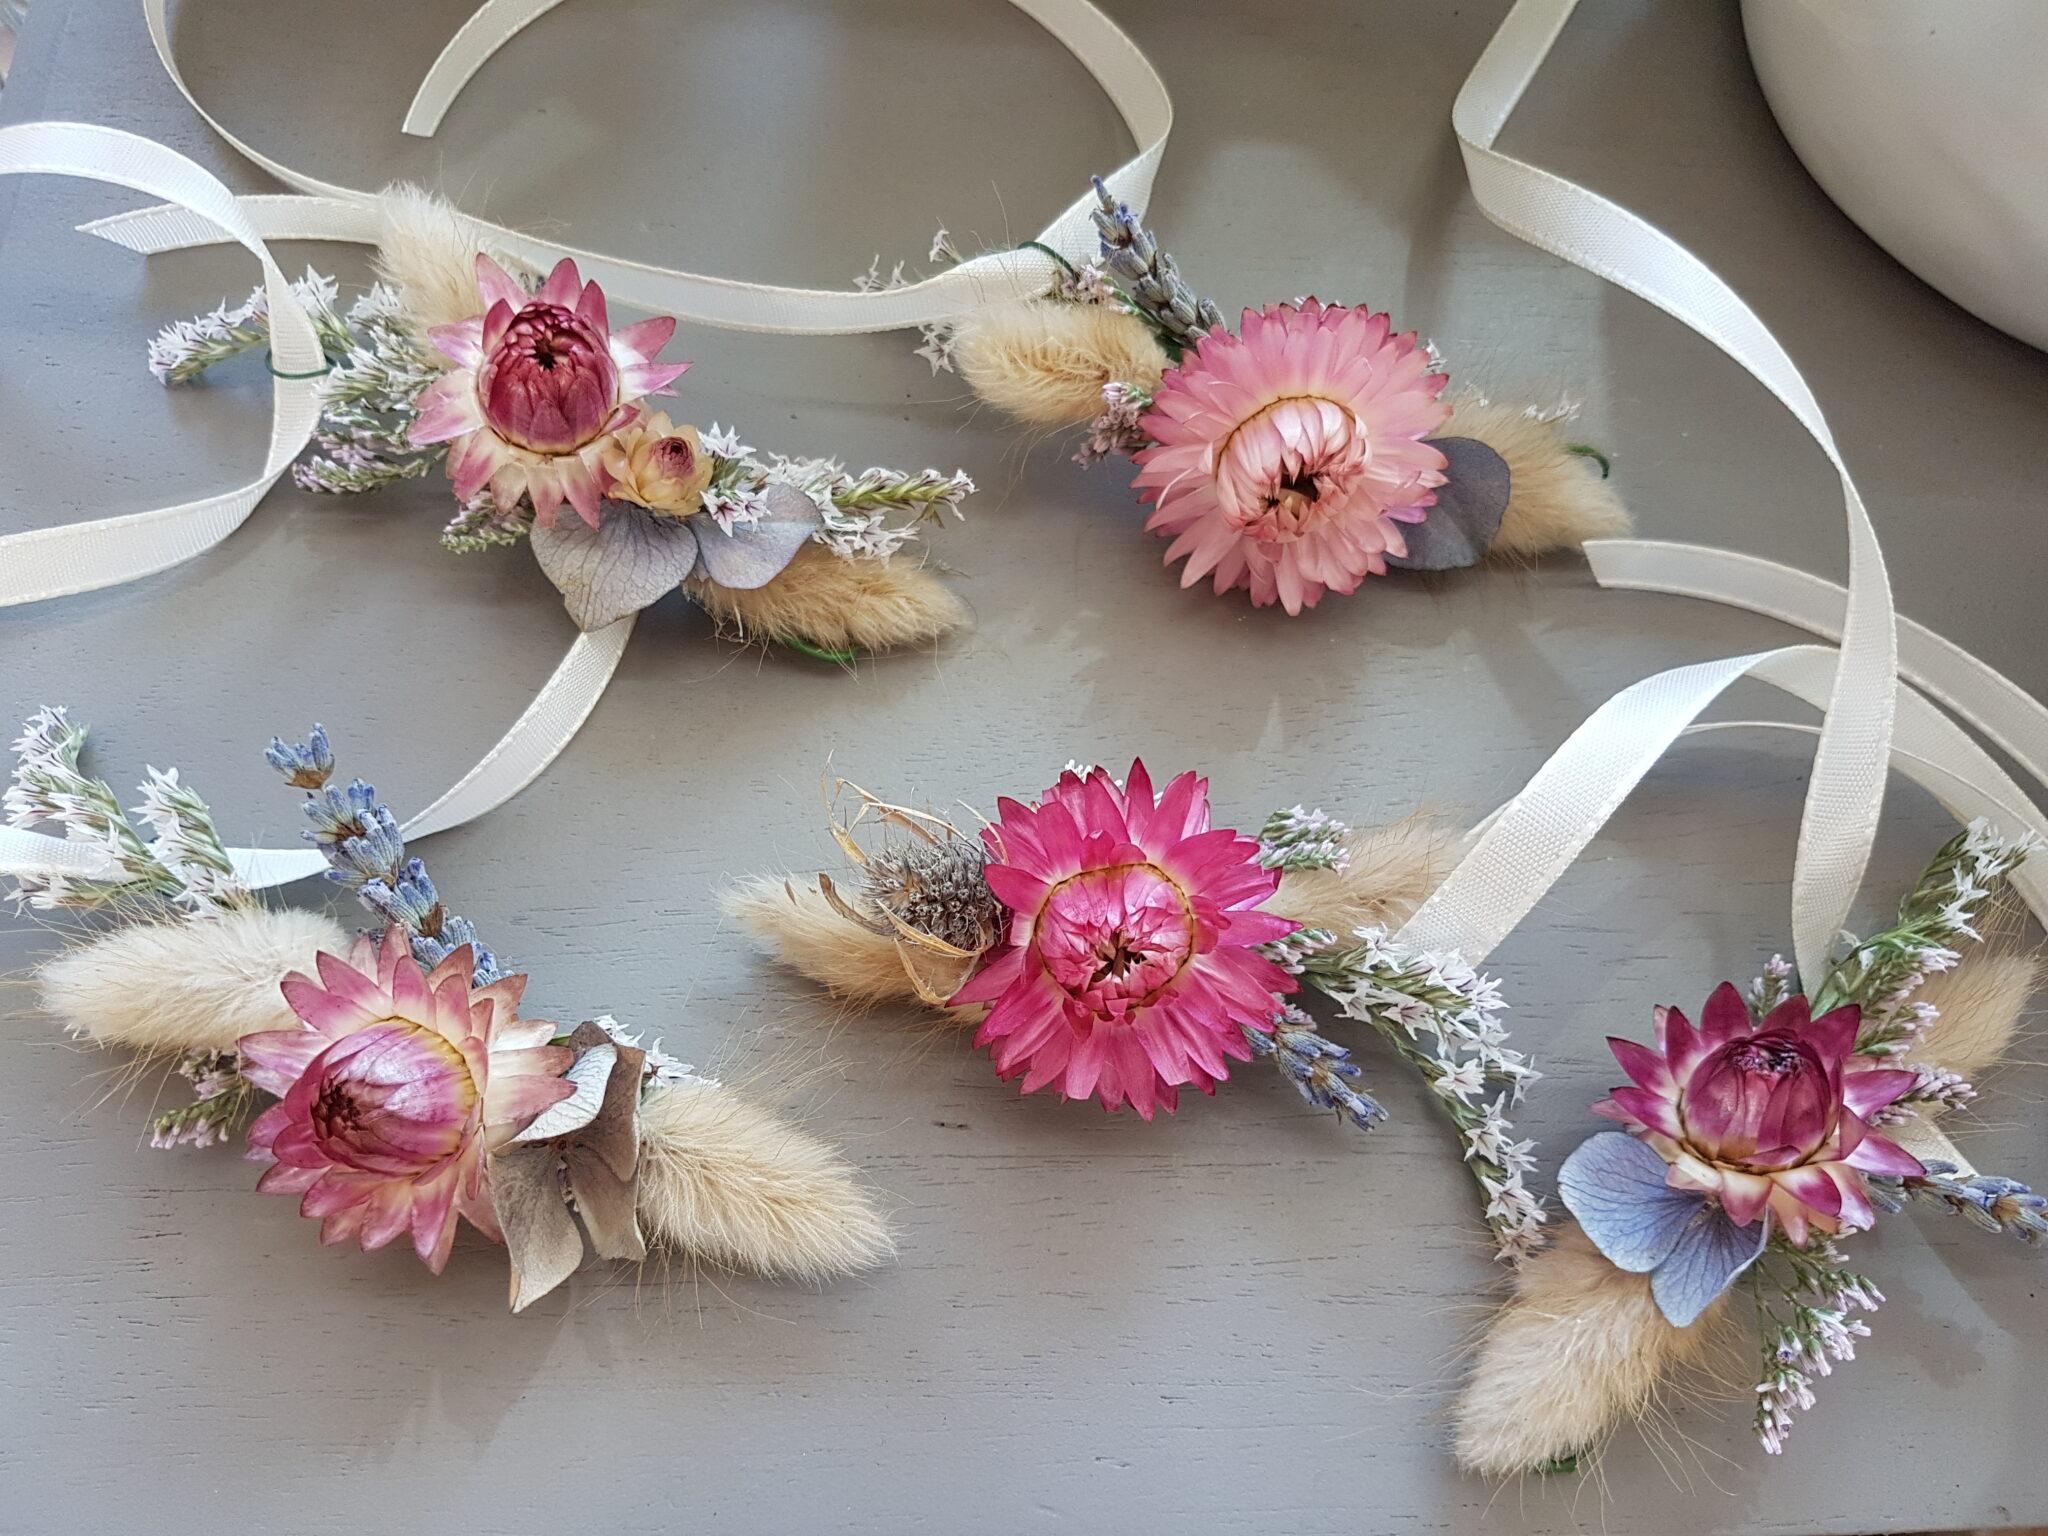 Bracelets en fleurs séchées réalisés pour un mariage Champêtre et délicat, avec immortelle, statice, lagurus et eucalyptus... [https://www.mariedanede.fr/blog/realisations/realisations-en-fleurs-sechees-pour-un-mariage/]